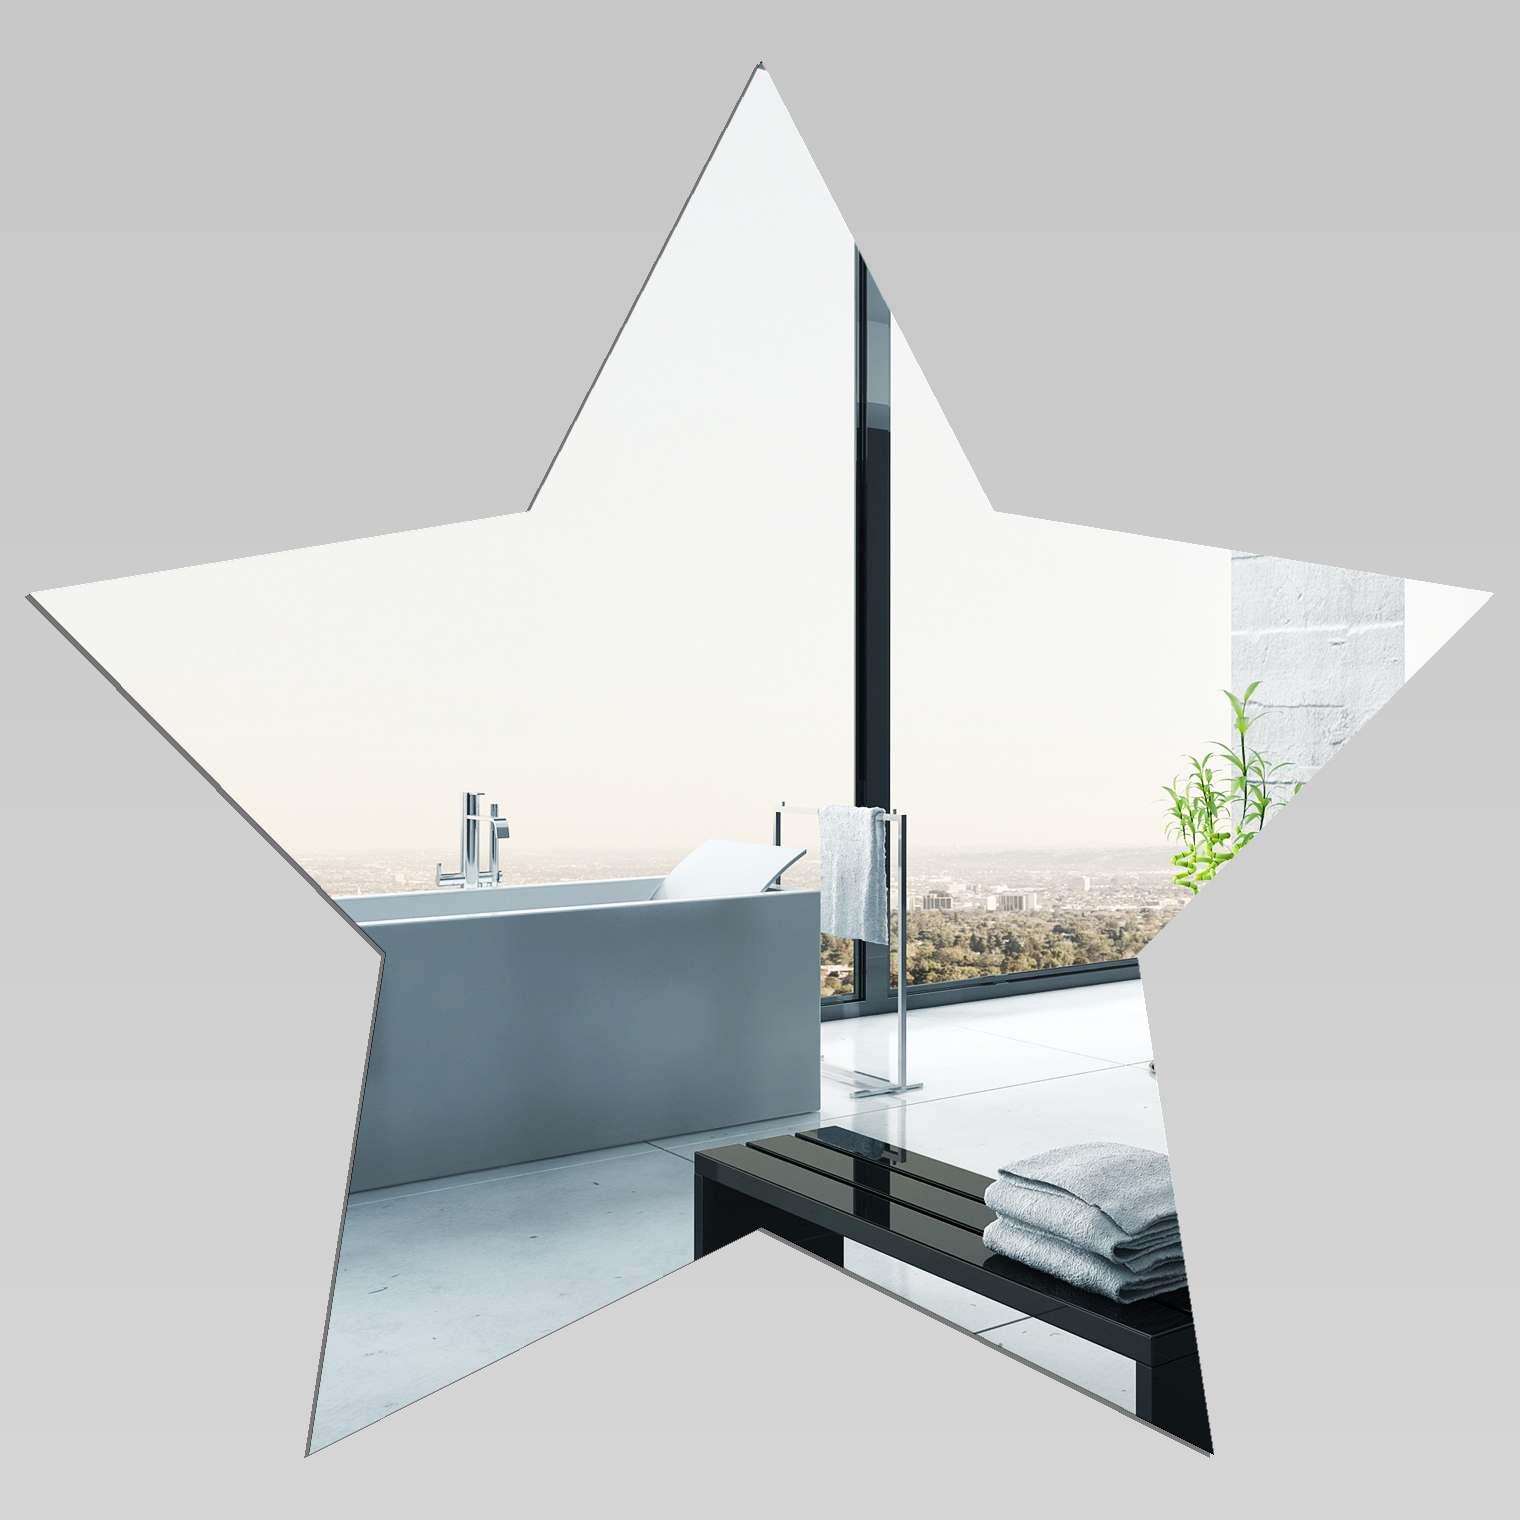 Table De Chevet Miroir Pas Cher miroir plexiglass acrylique - etoile pas cher